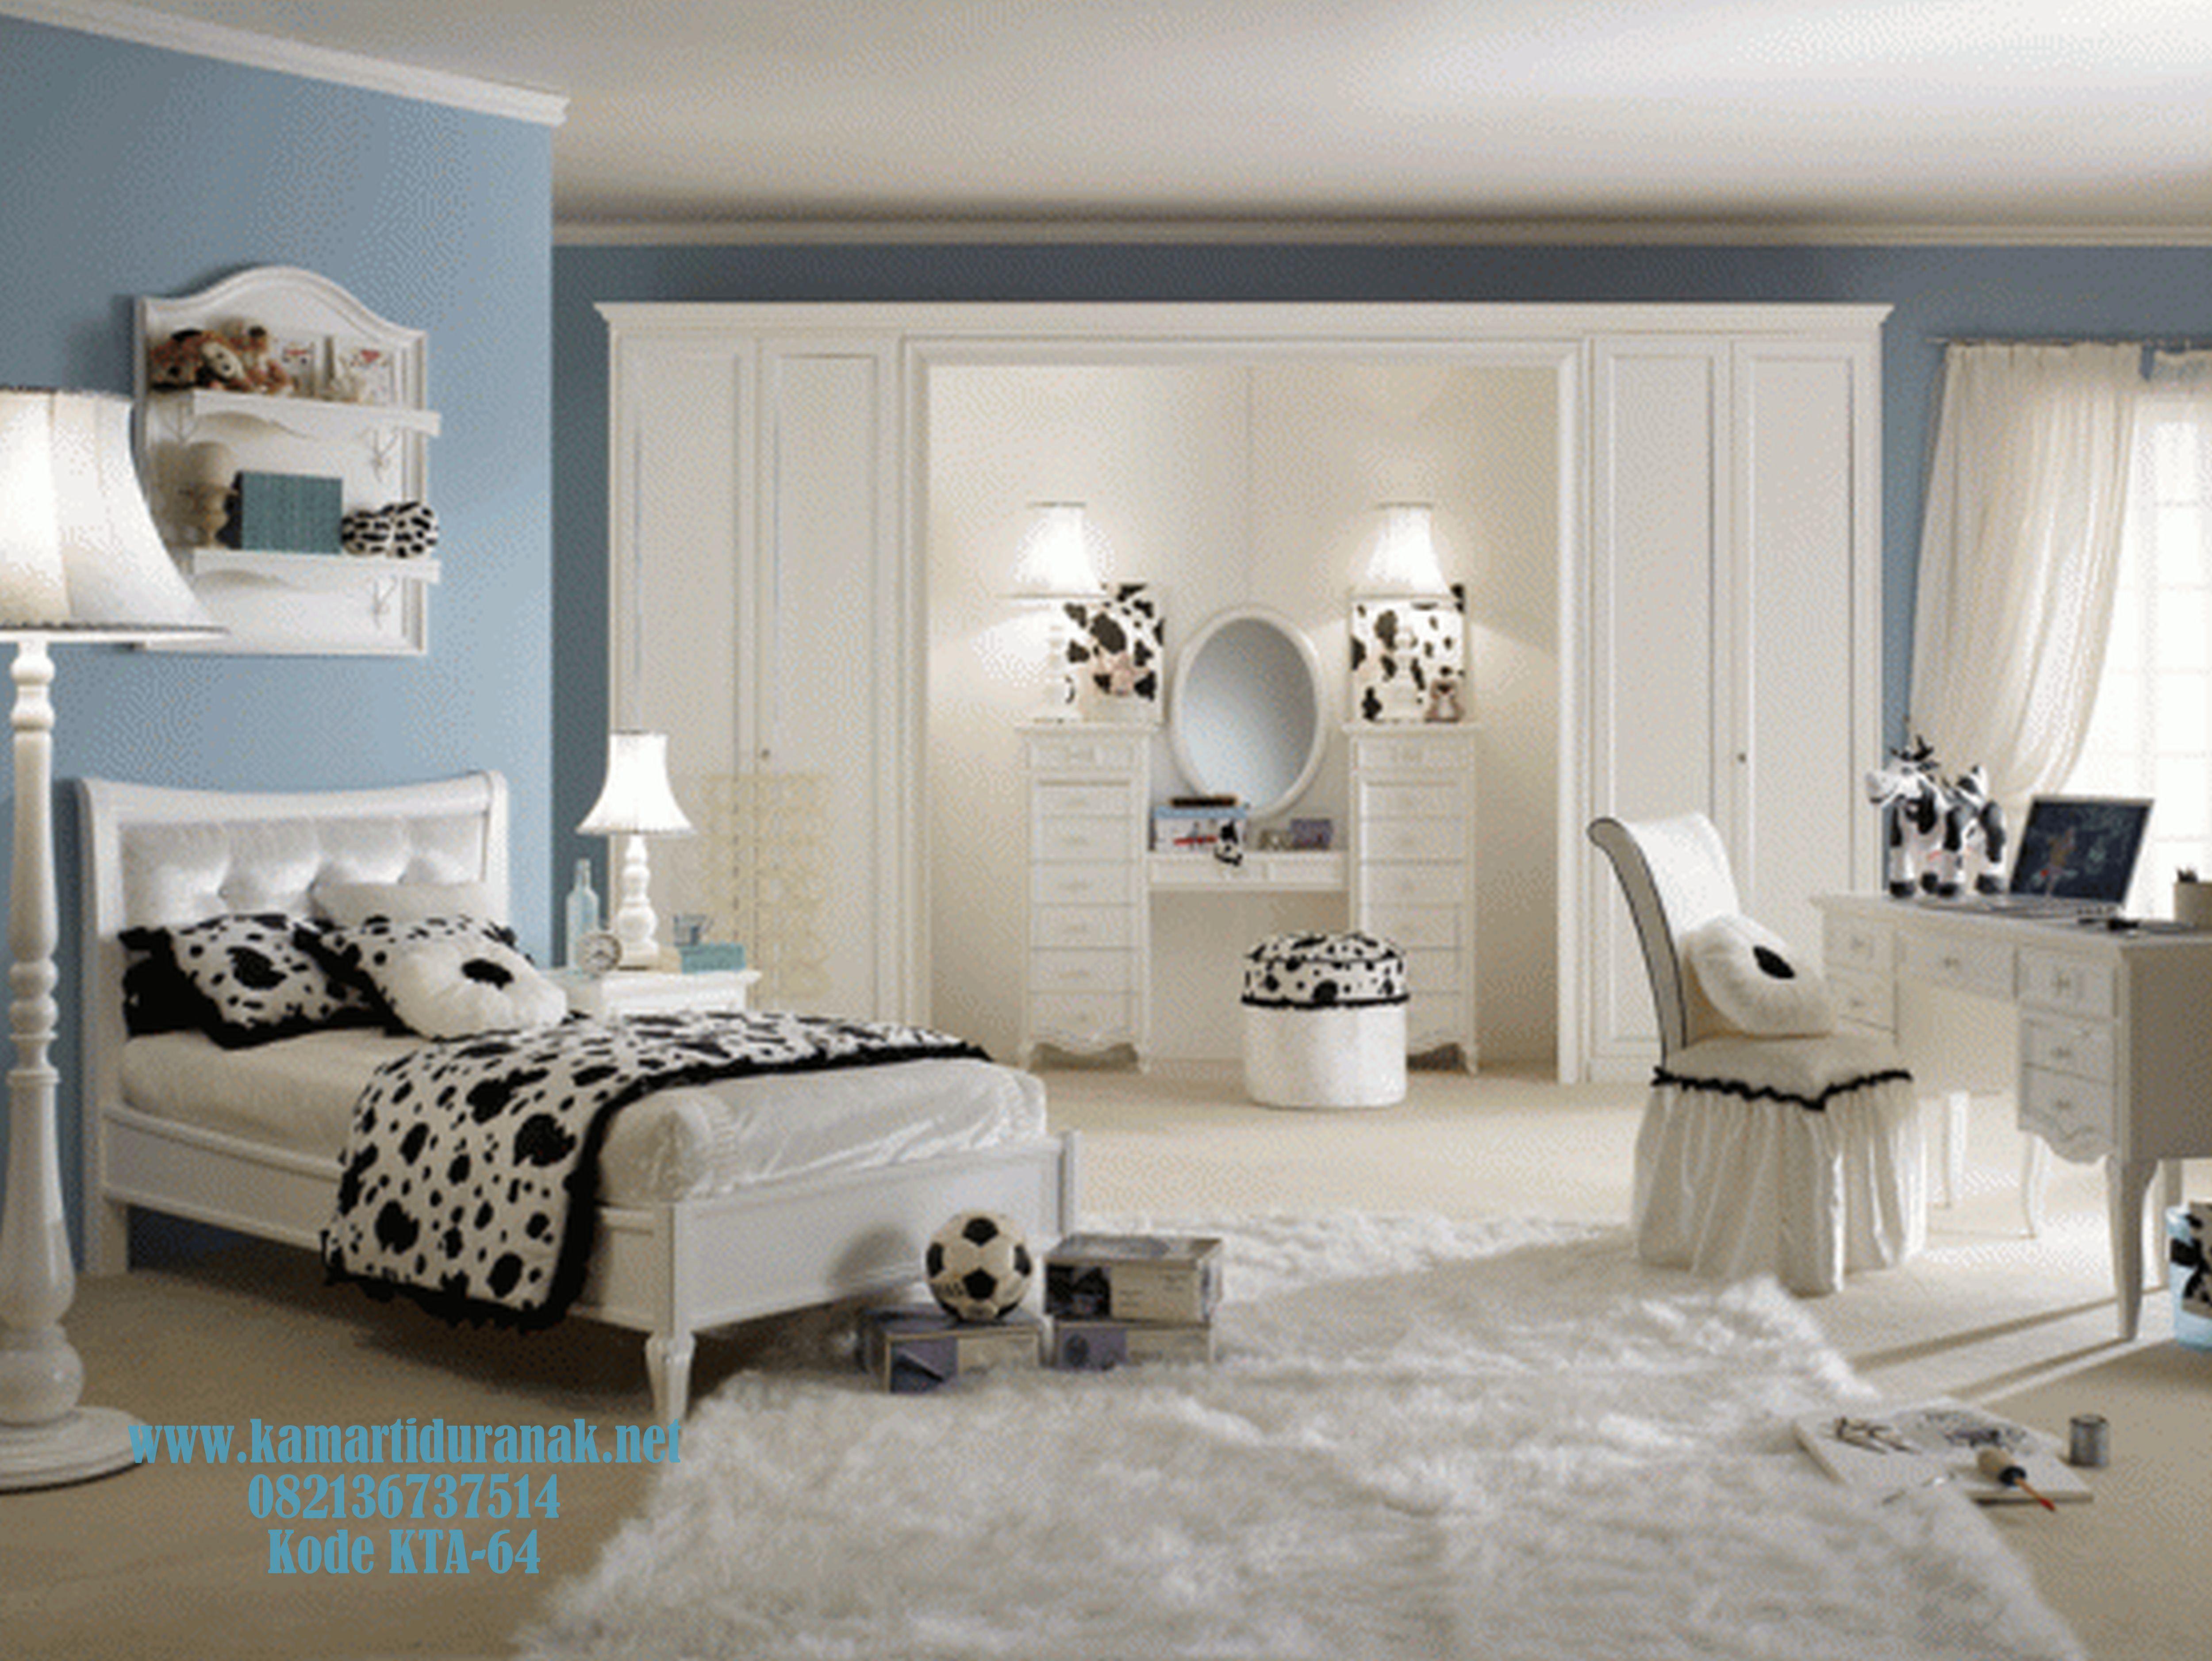 Jual Kamar Set Anak Mewah Putih Duco Lensey Terbaru Desain Kamar Amazing Teenage Girl Bedroom Design Decorating Inspiration